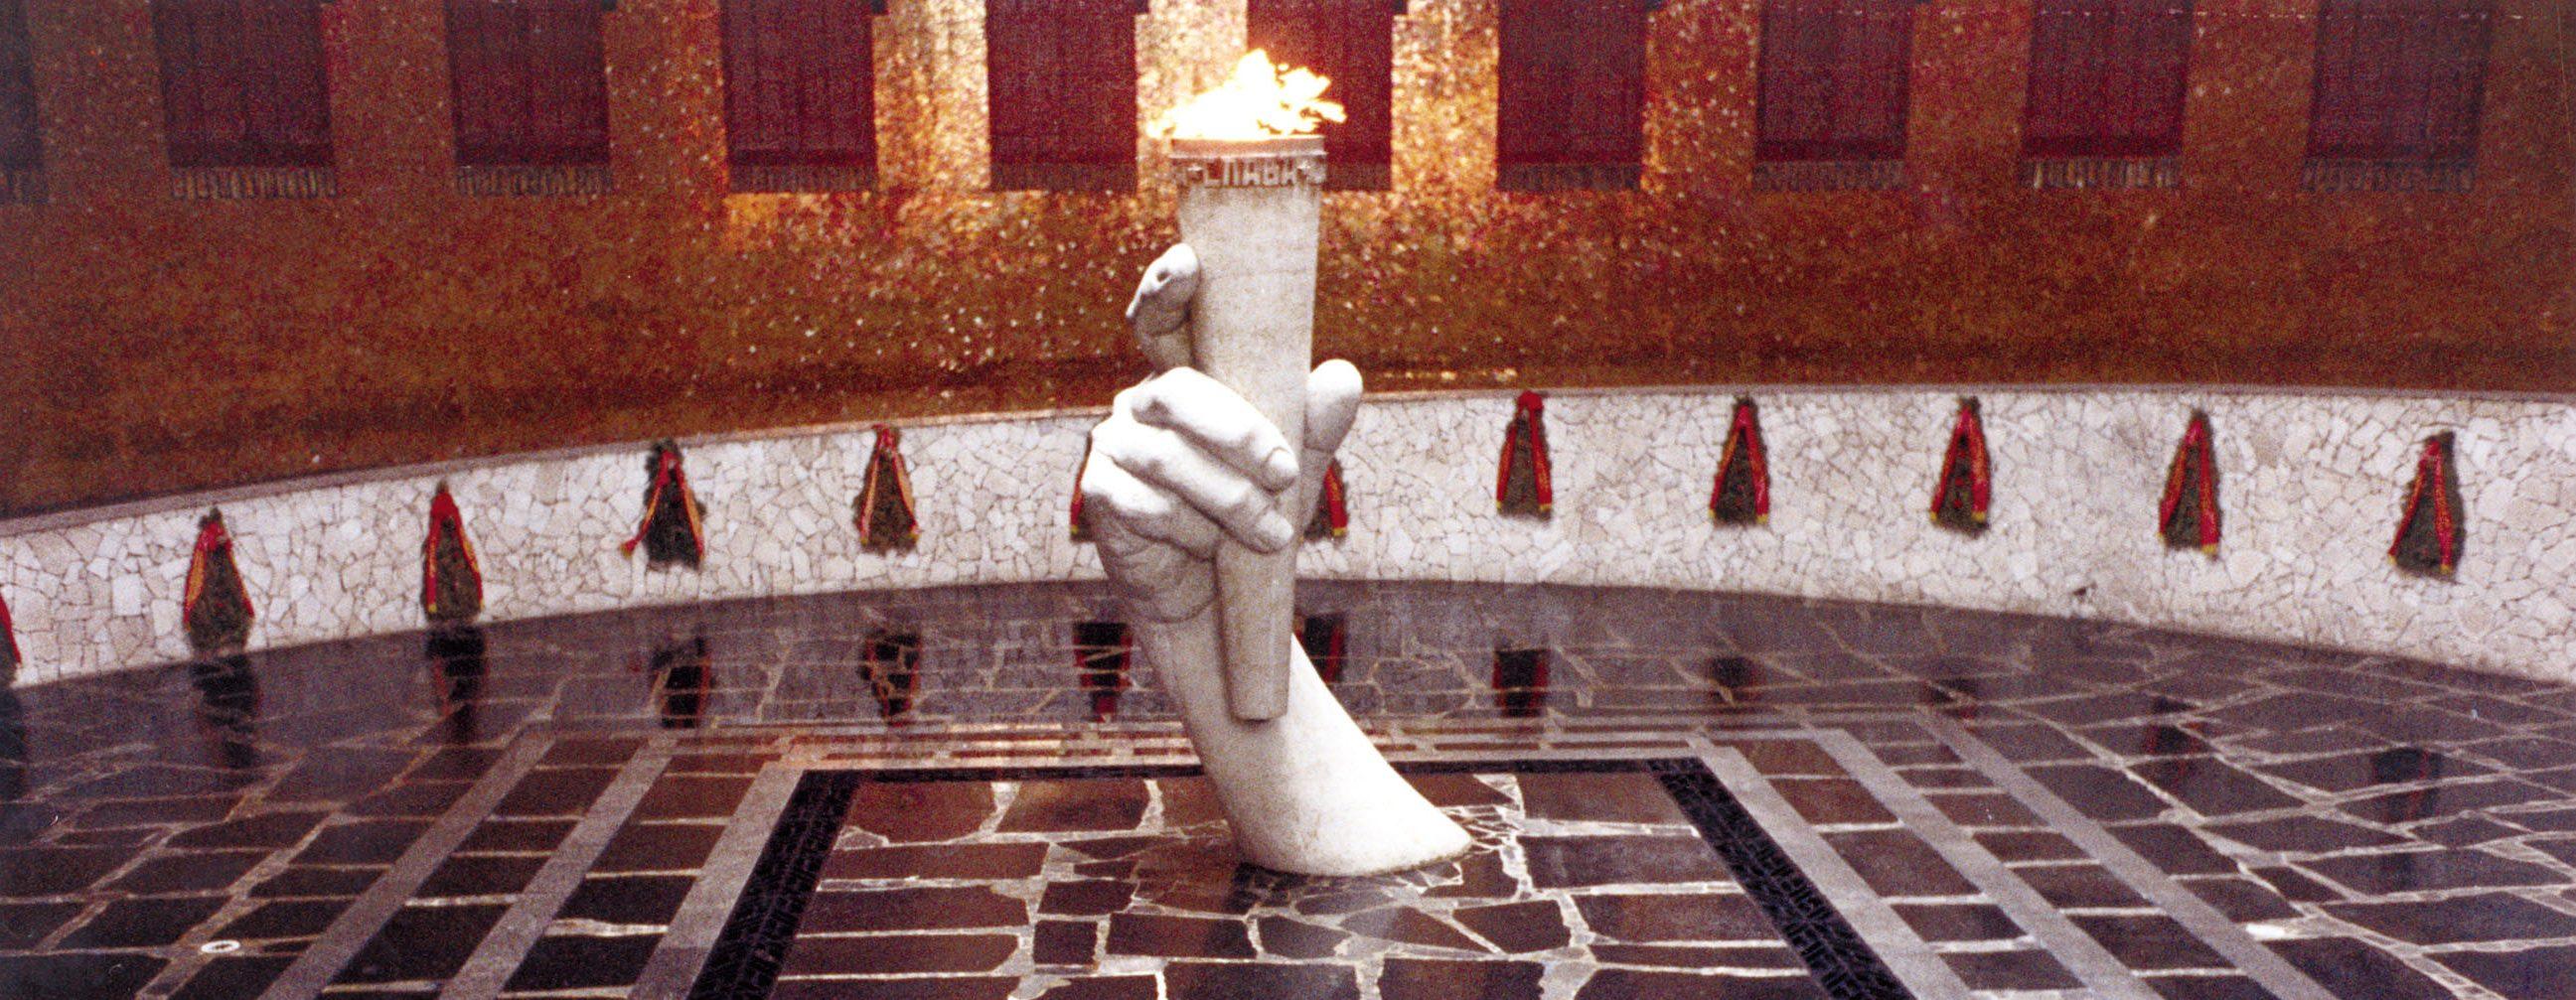 Erinnerungsbetrieb Stalingrad